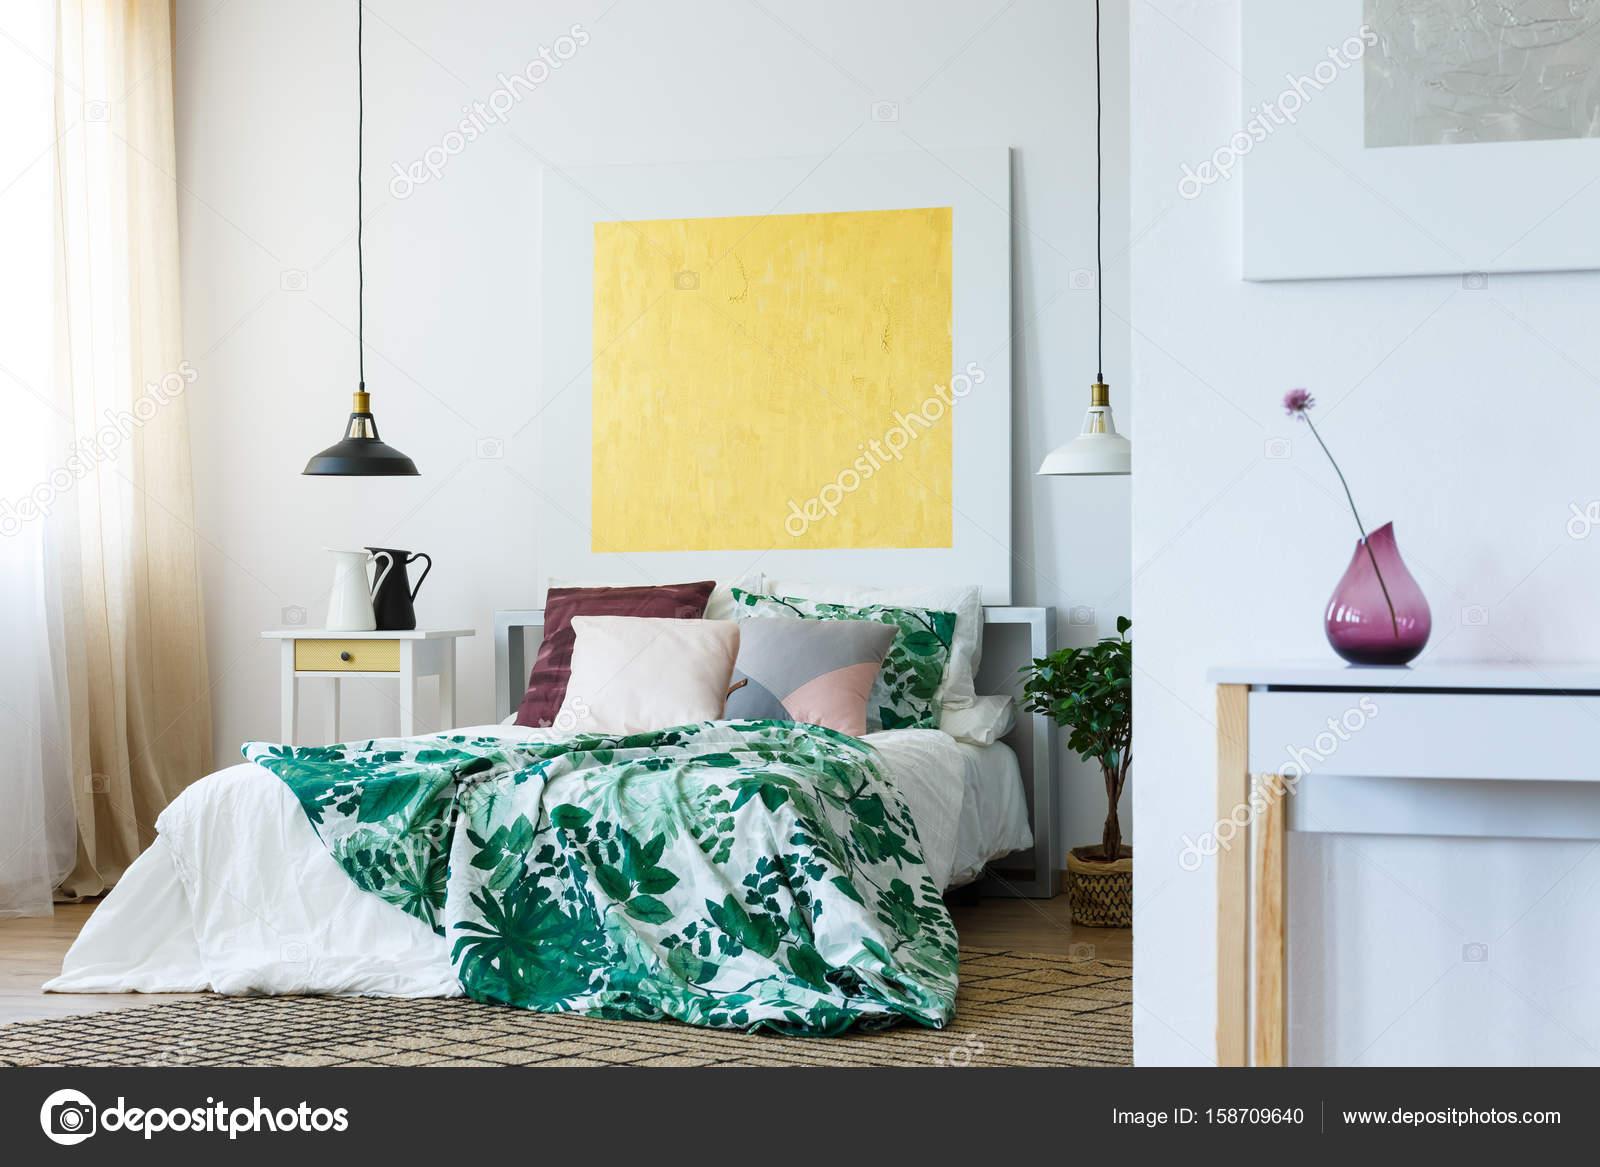 Trendy slaapkamer met schilderen — Stockfoto © photographee.eu ...